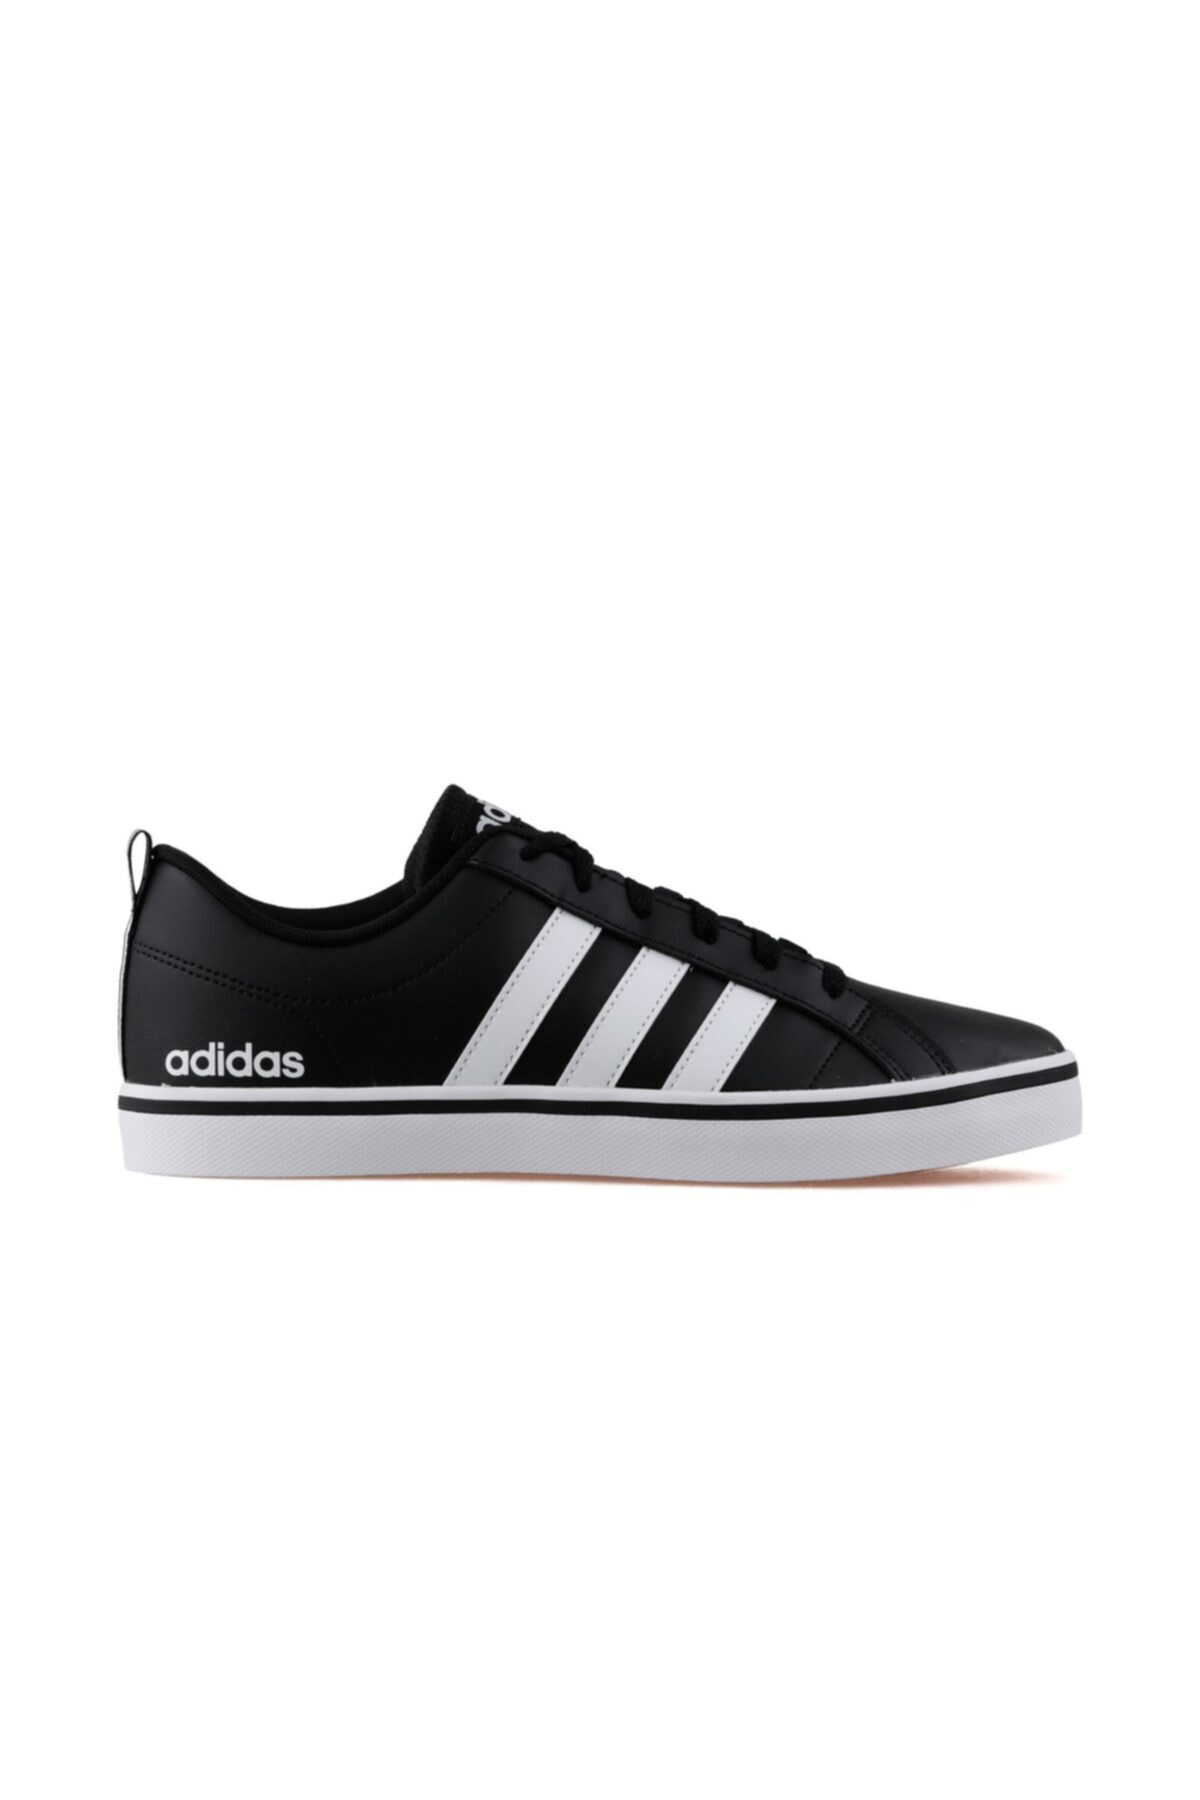 ژورنال کفش مخصوص پیاده روی مردانه برند adidas رنگ مشکی کد ty4084078